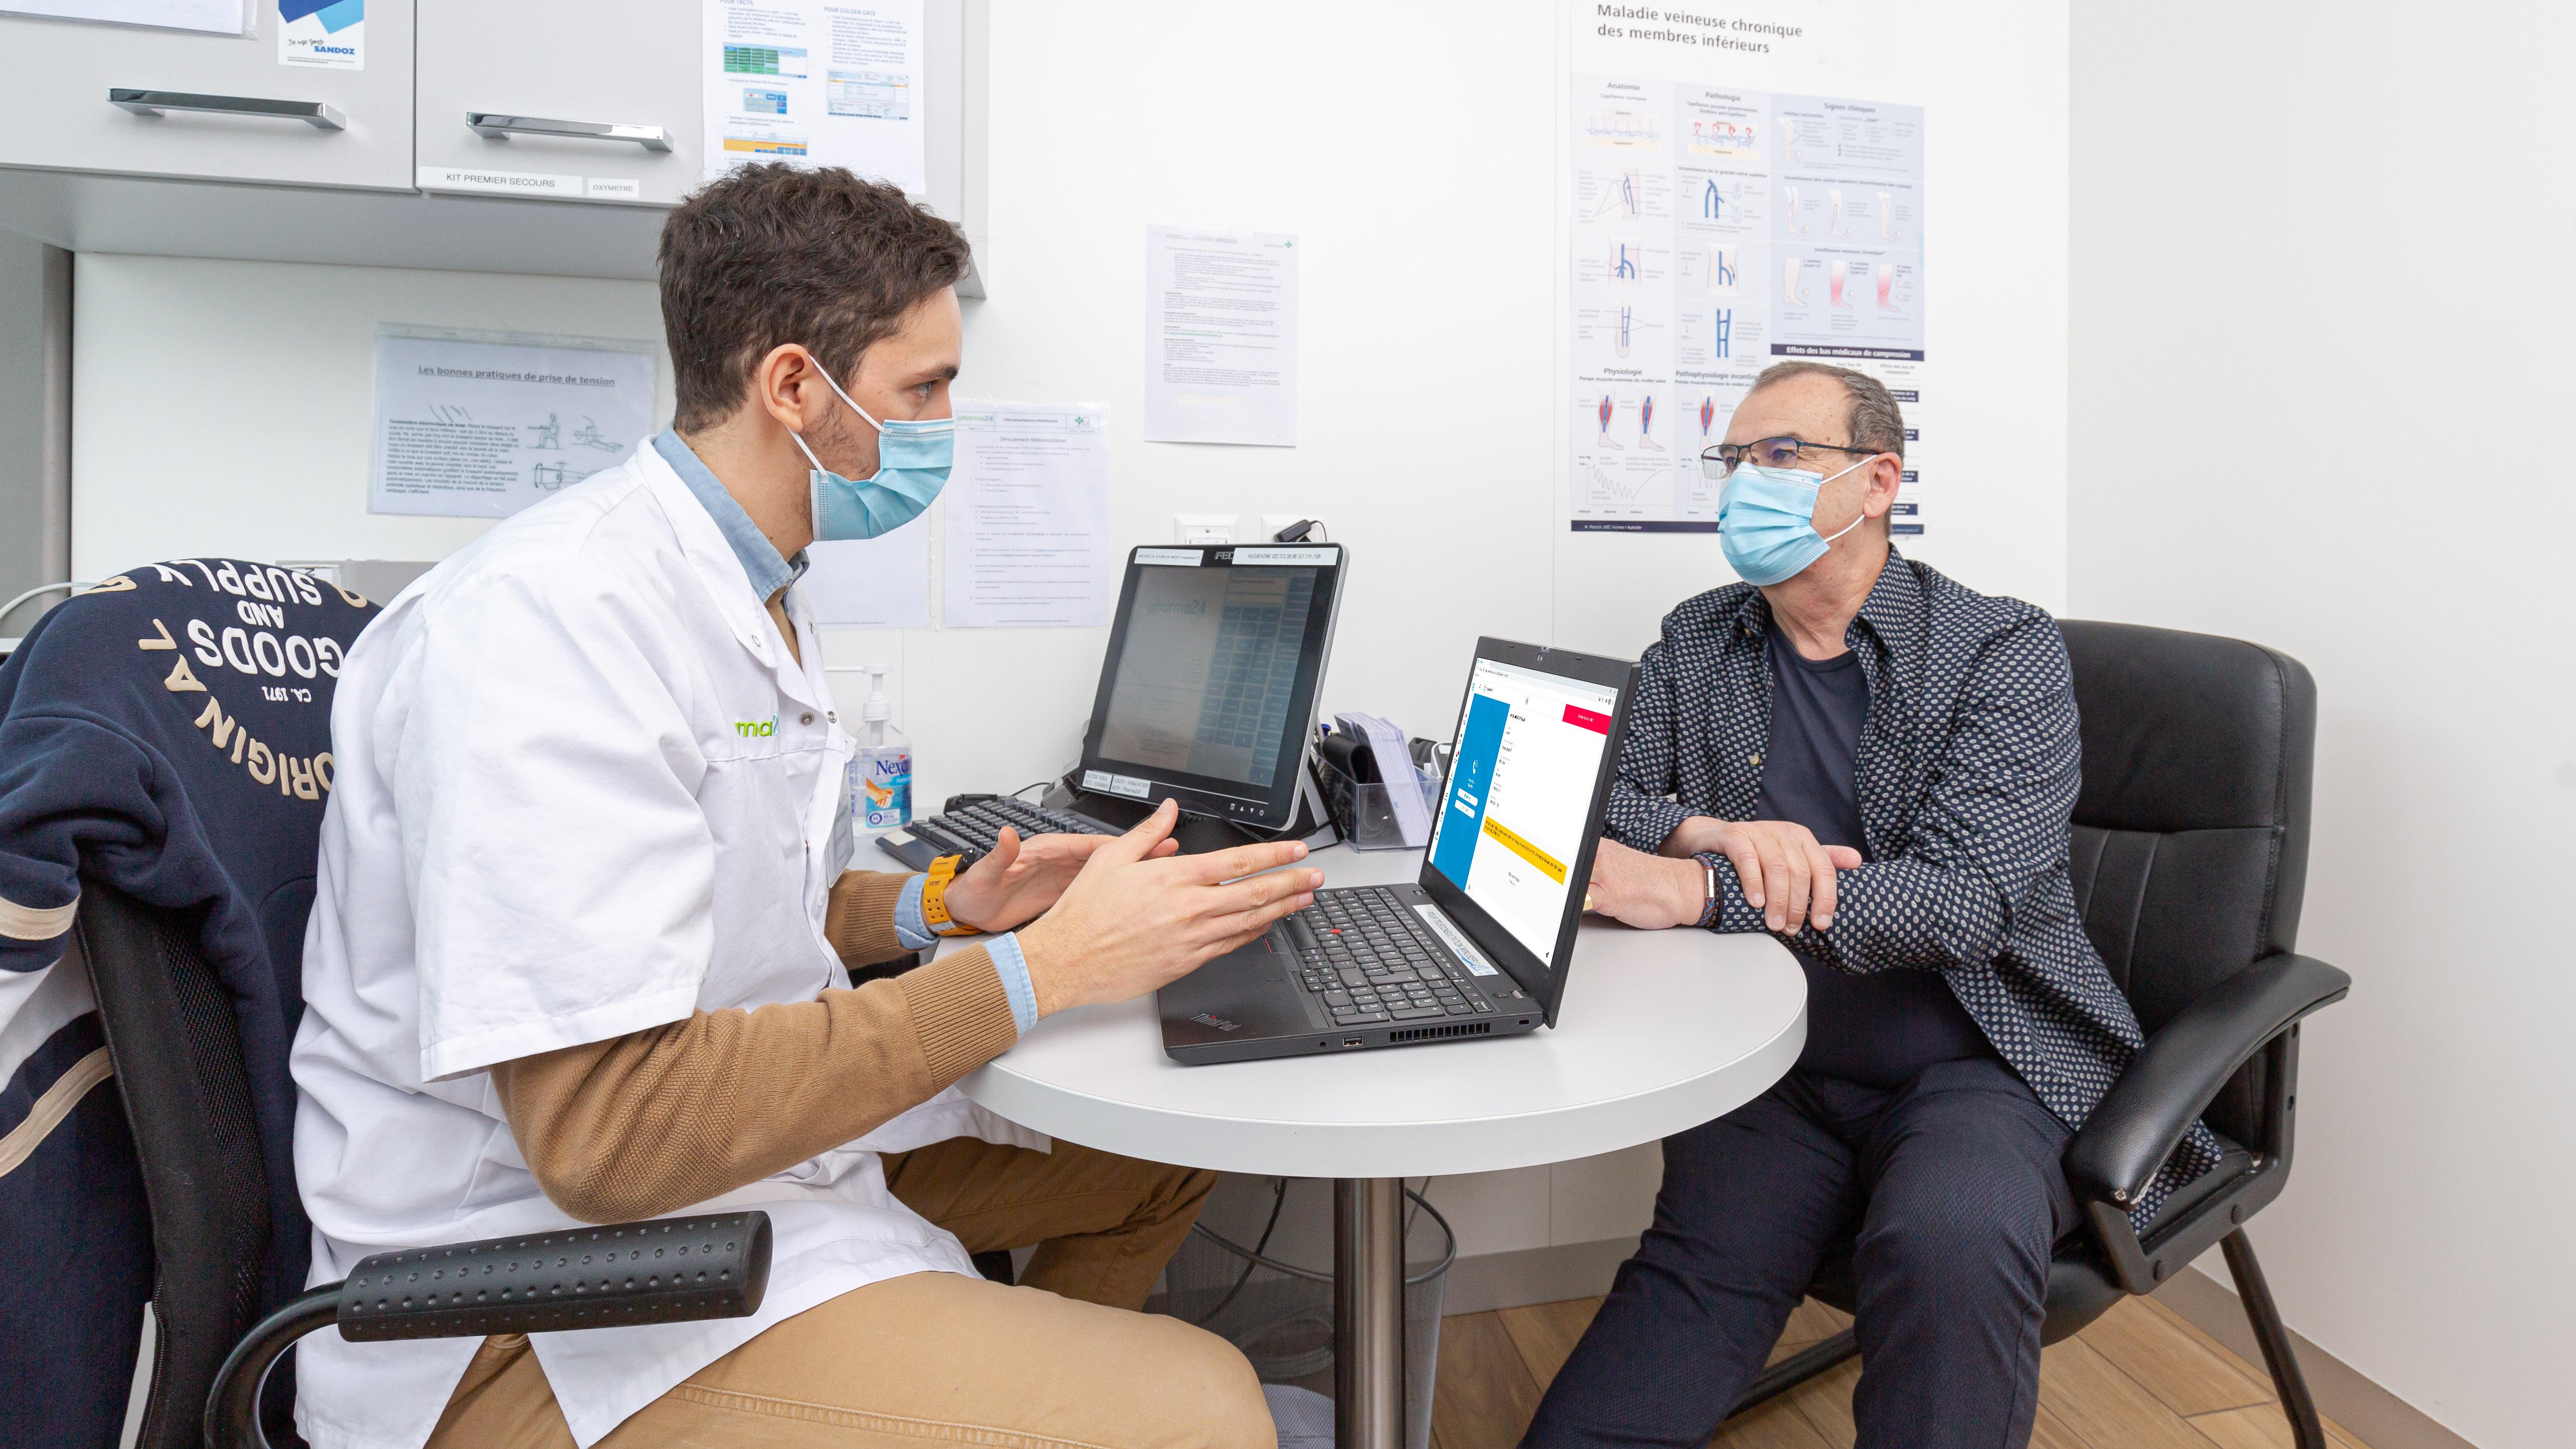 Le pharmacien explique le fonctionnement de la téléconsultation à son patient.